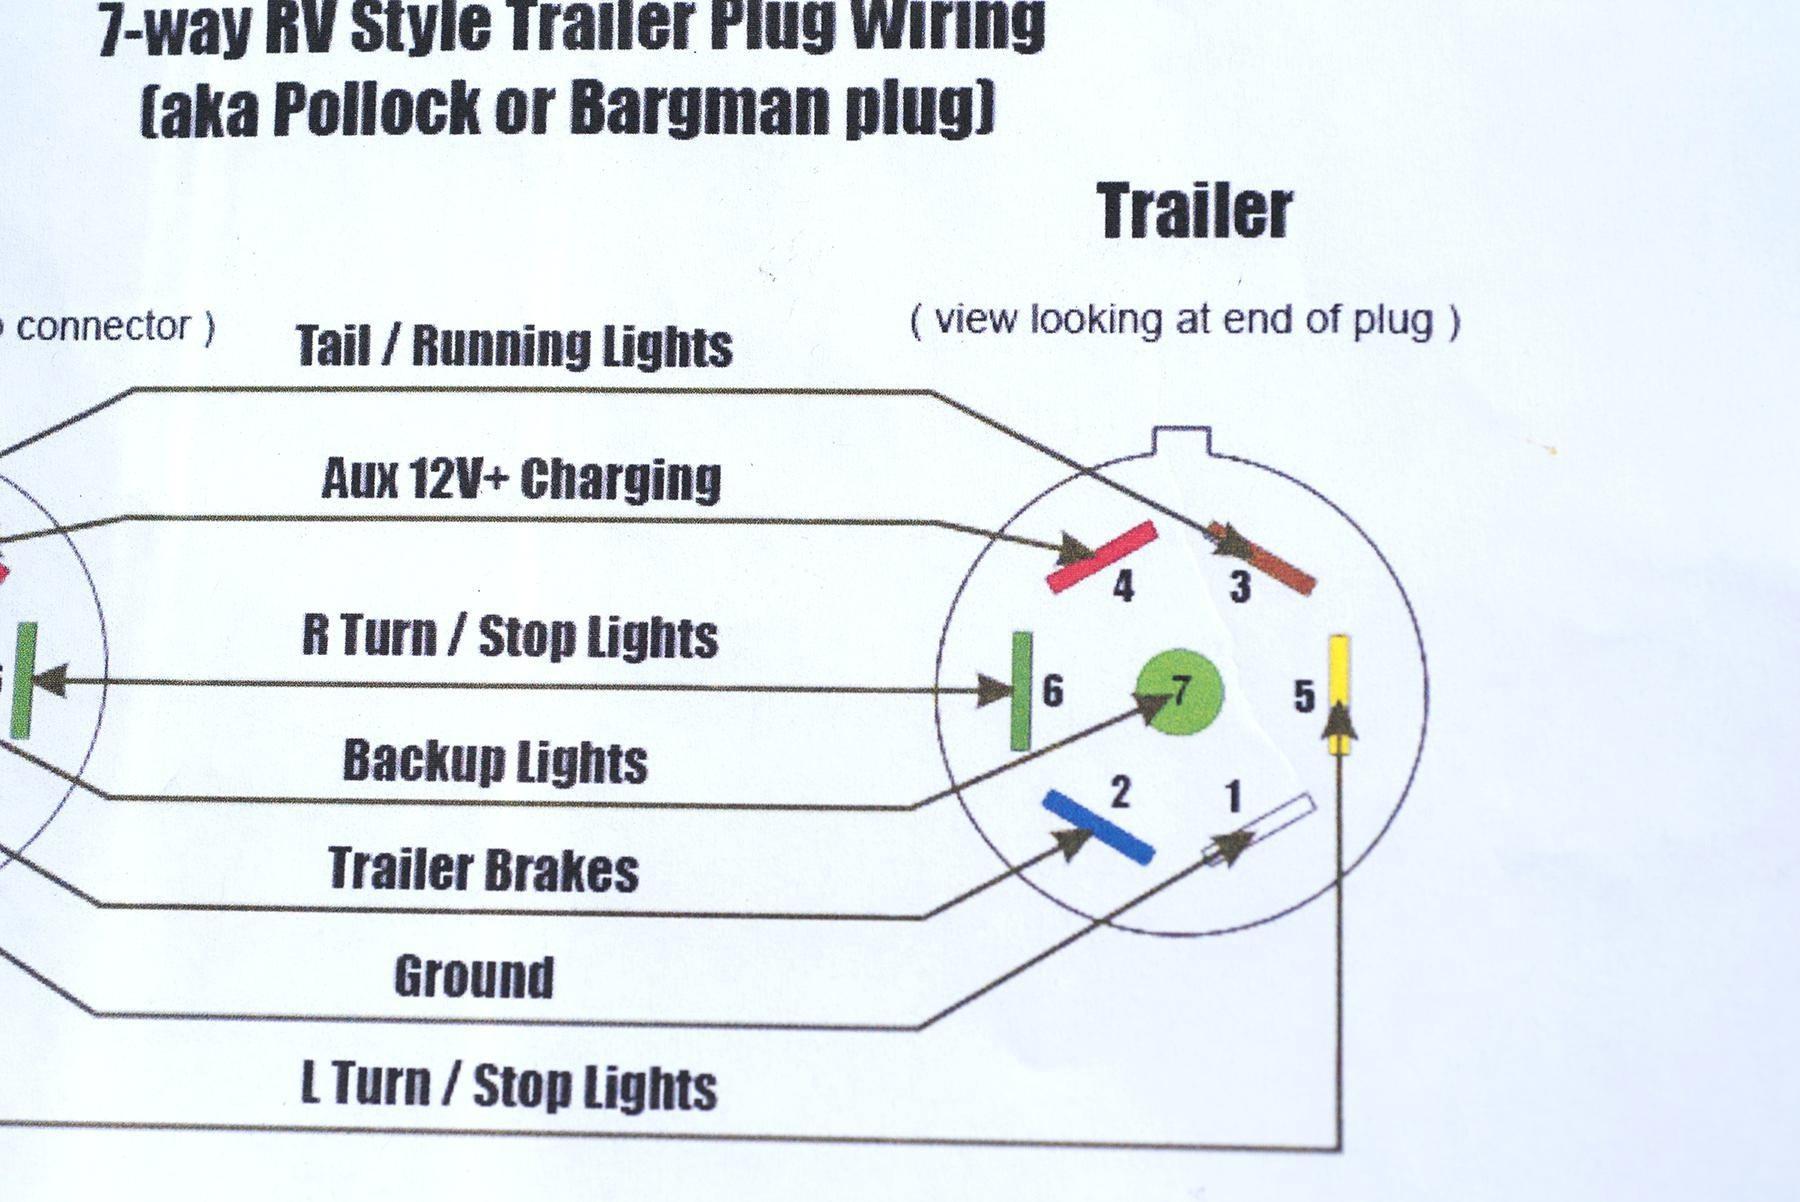 Trailer Brake Wiring Diagram 7 Way | Wiring Diagram - Trailer Brakes Wiring Diagram